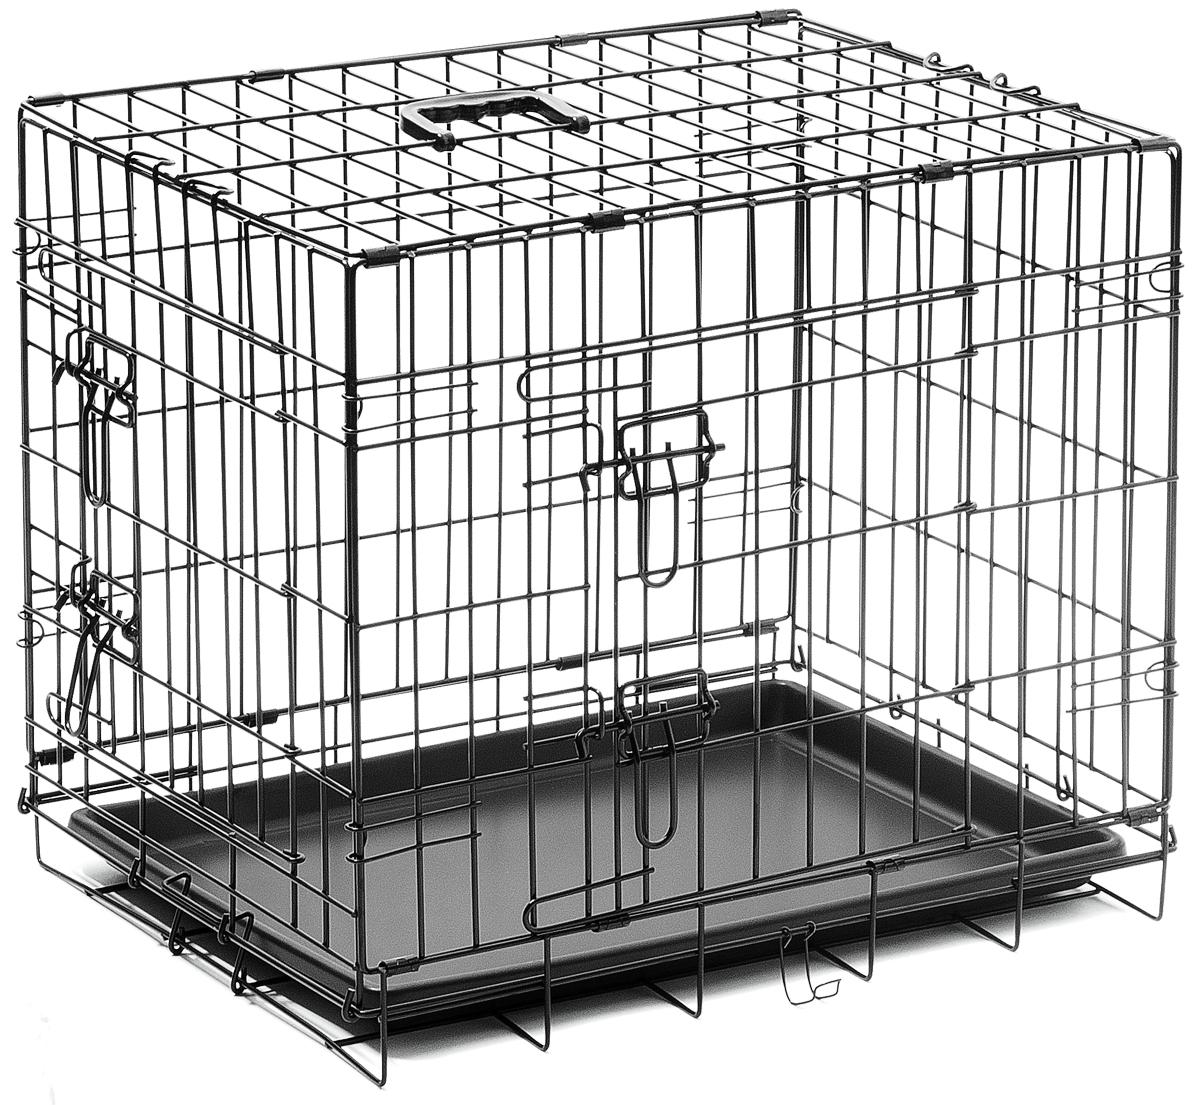 Клетка для собак V.I.Pet, с поддоном, двухдверная, 60 см х 45 см х 50 см06002Металлическая клетка для собак V.I.Pet отлично подойдет для перевозки вашего питомца в машине, а также для удобного размещения дома или на выставке. Клетка оборудована пластиковым поддоном и прорезиненными ножками, предотвращающими скольжение клетки по полу и защищающими пол от царапин.Изделие имеет две дверцы - одну спереди и одну сбоку. Фиксируются дверцы при помощи надежных замков. Клетка легко и просто собирается без инструментов. Для удобства переноски изделие оснащено удобной пластиковой ручкой.